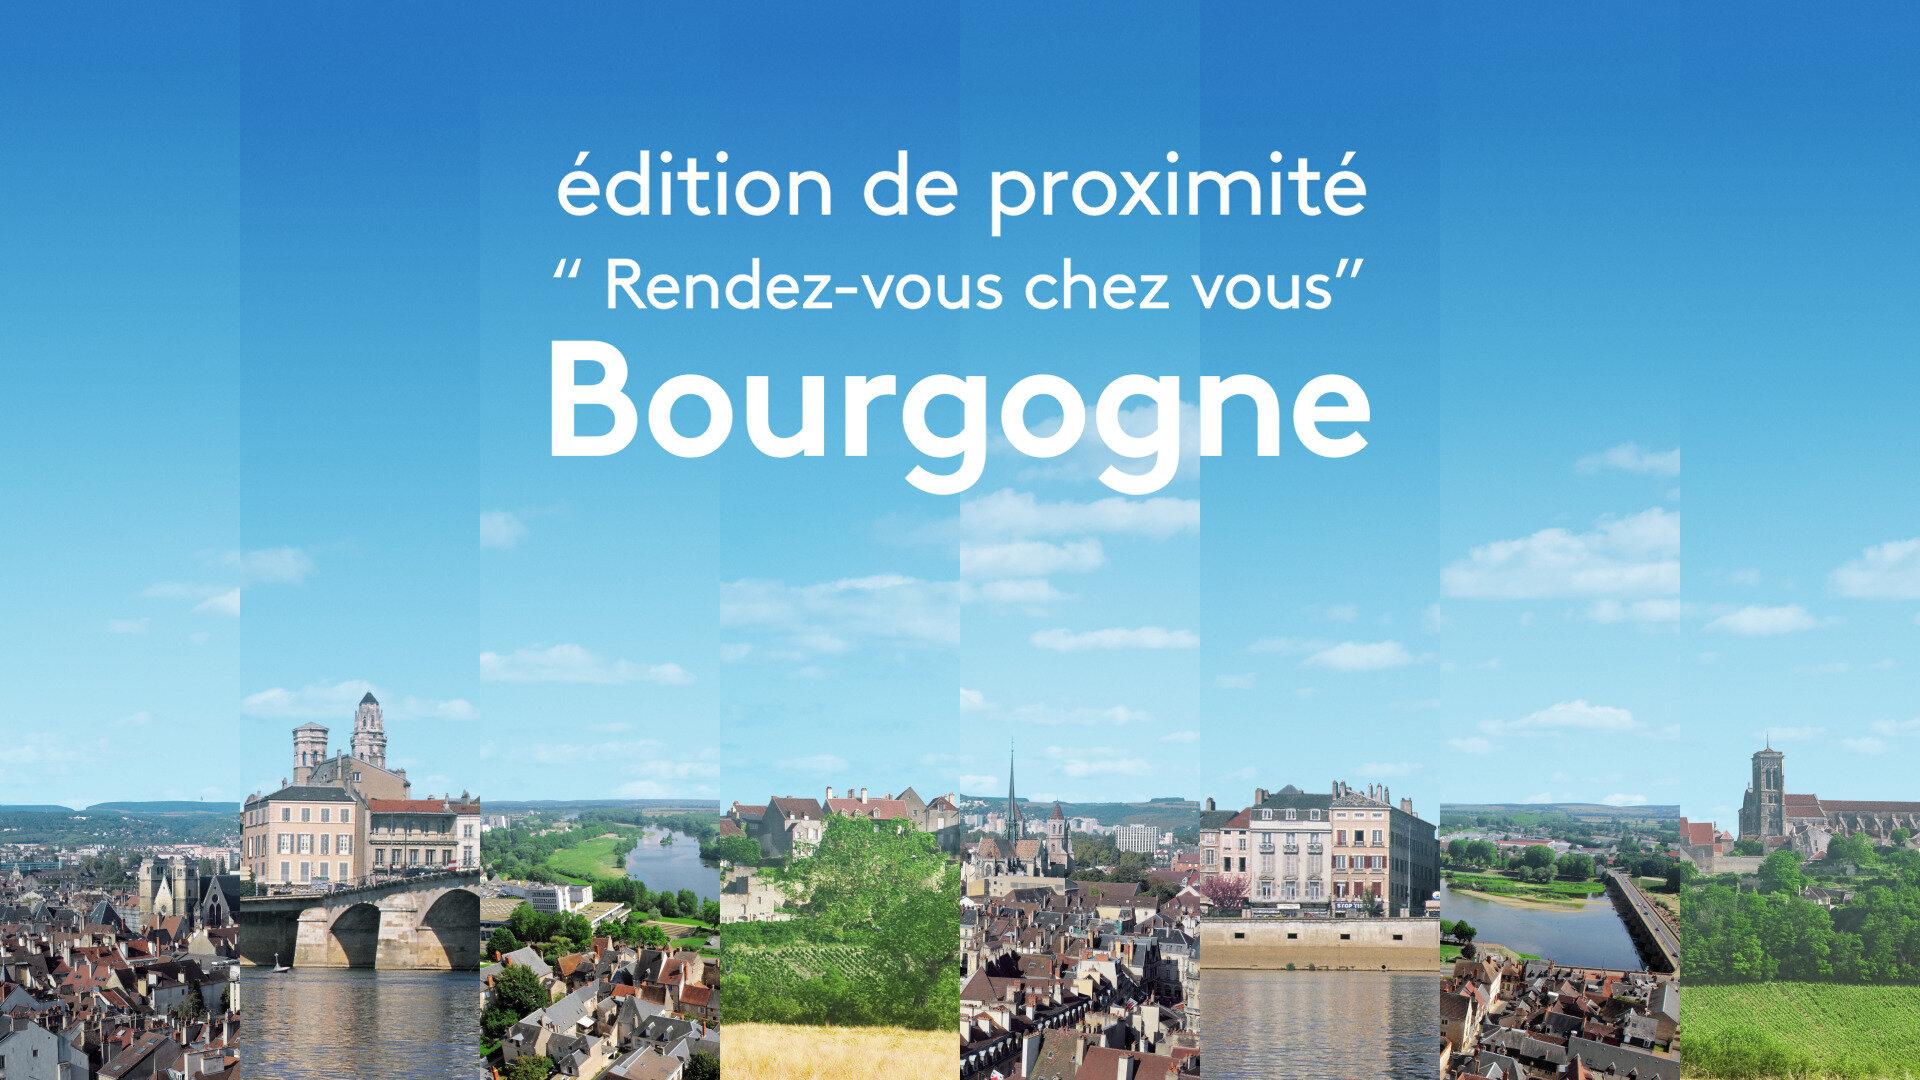 12/13 : Edition de proximité - Rendez-vous chez vous Bourgogne